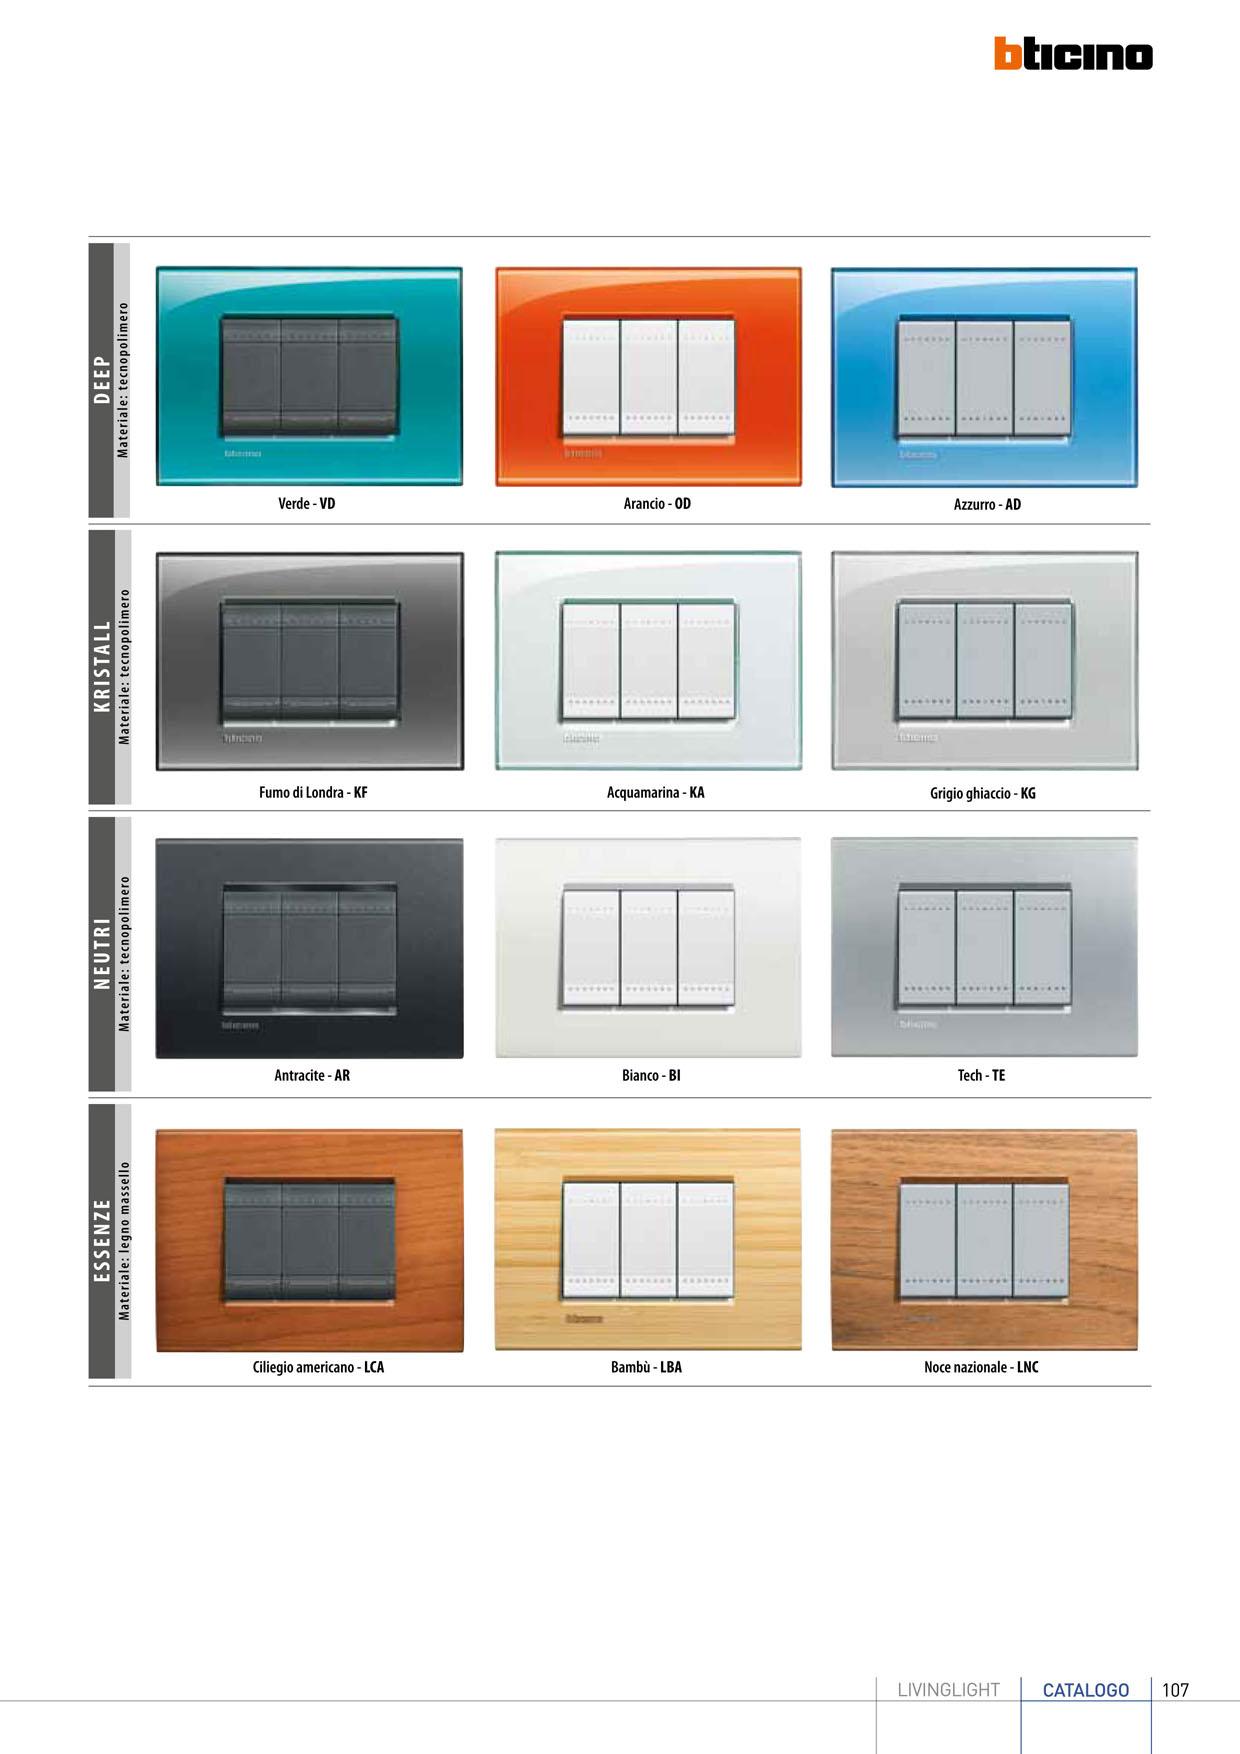 elettritec di gamberucci leonardo impianti elettrici elettricista siena allarmi antifurto. Black Bedroom Furniture Sets. Home Design Ideas